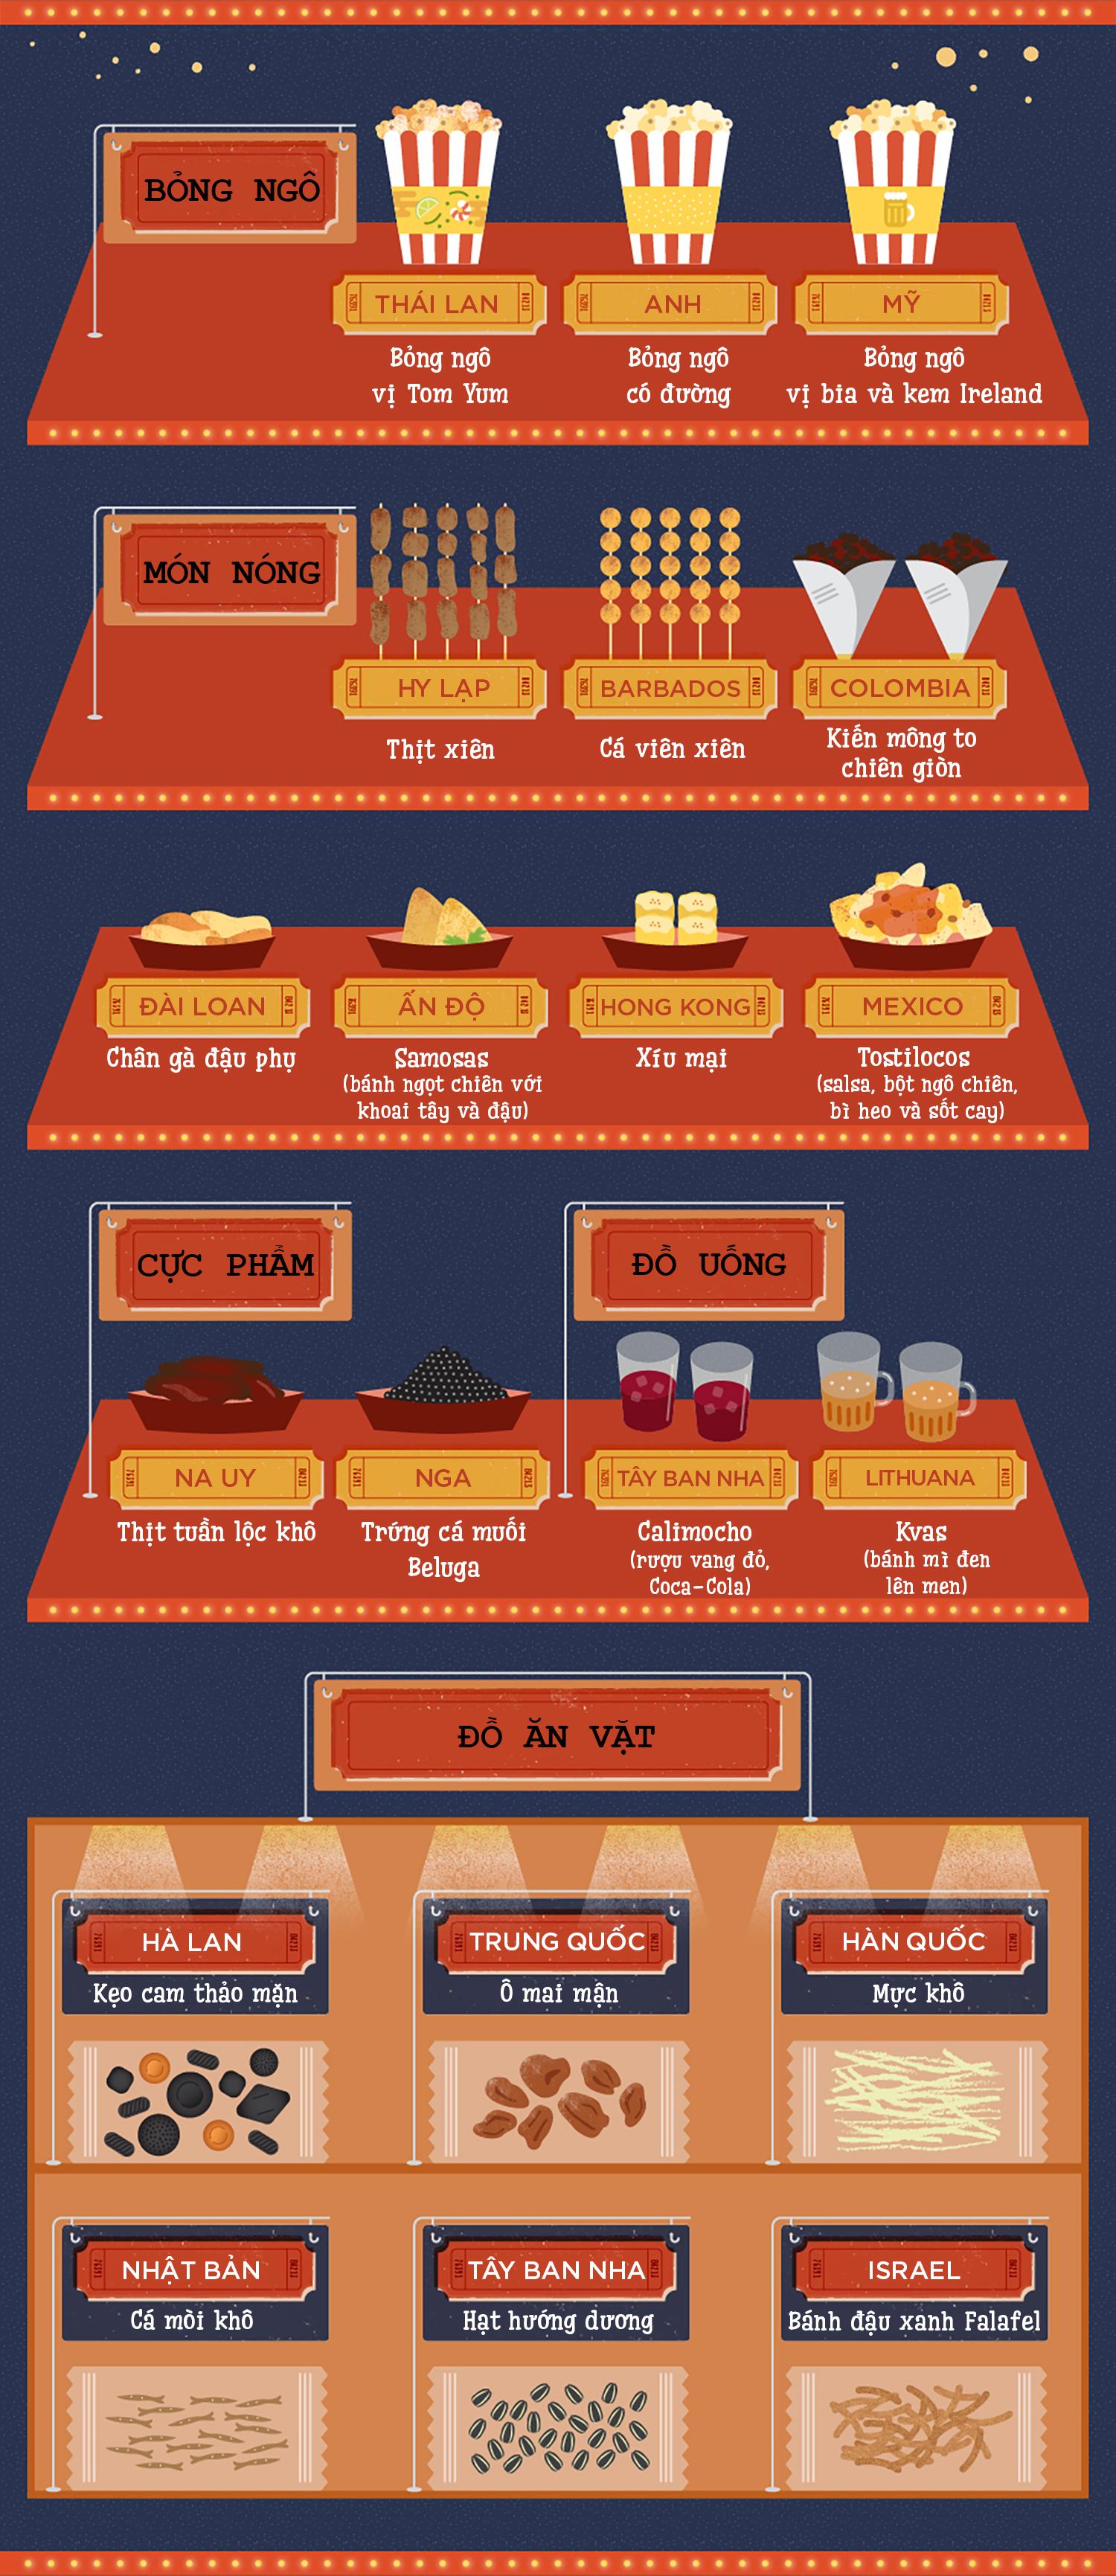 Kiến chiên và những đồ ăn uống lạ trong rạp phim thế giới